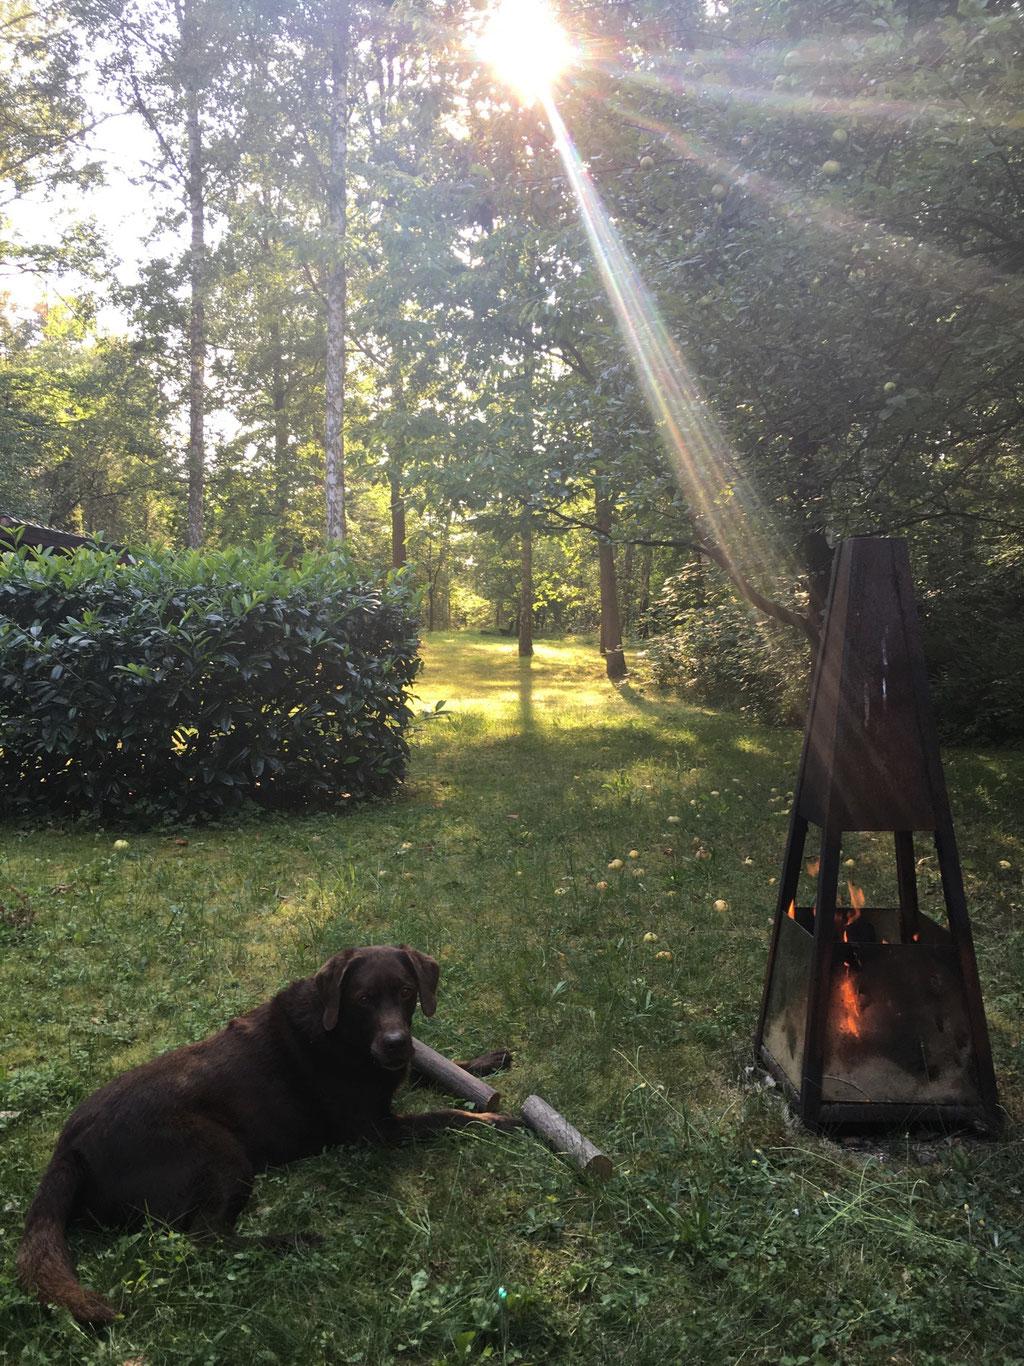 Ferienhaus am Wasser mit Hund eingezäunt